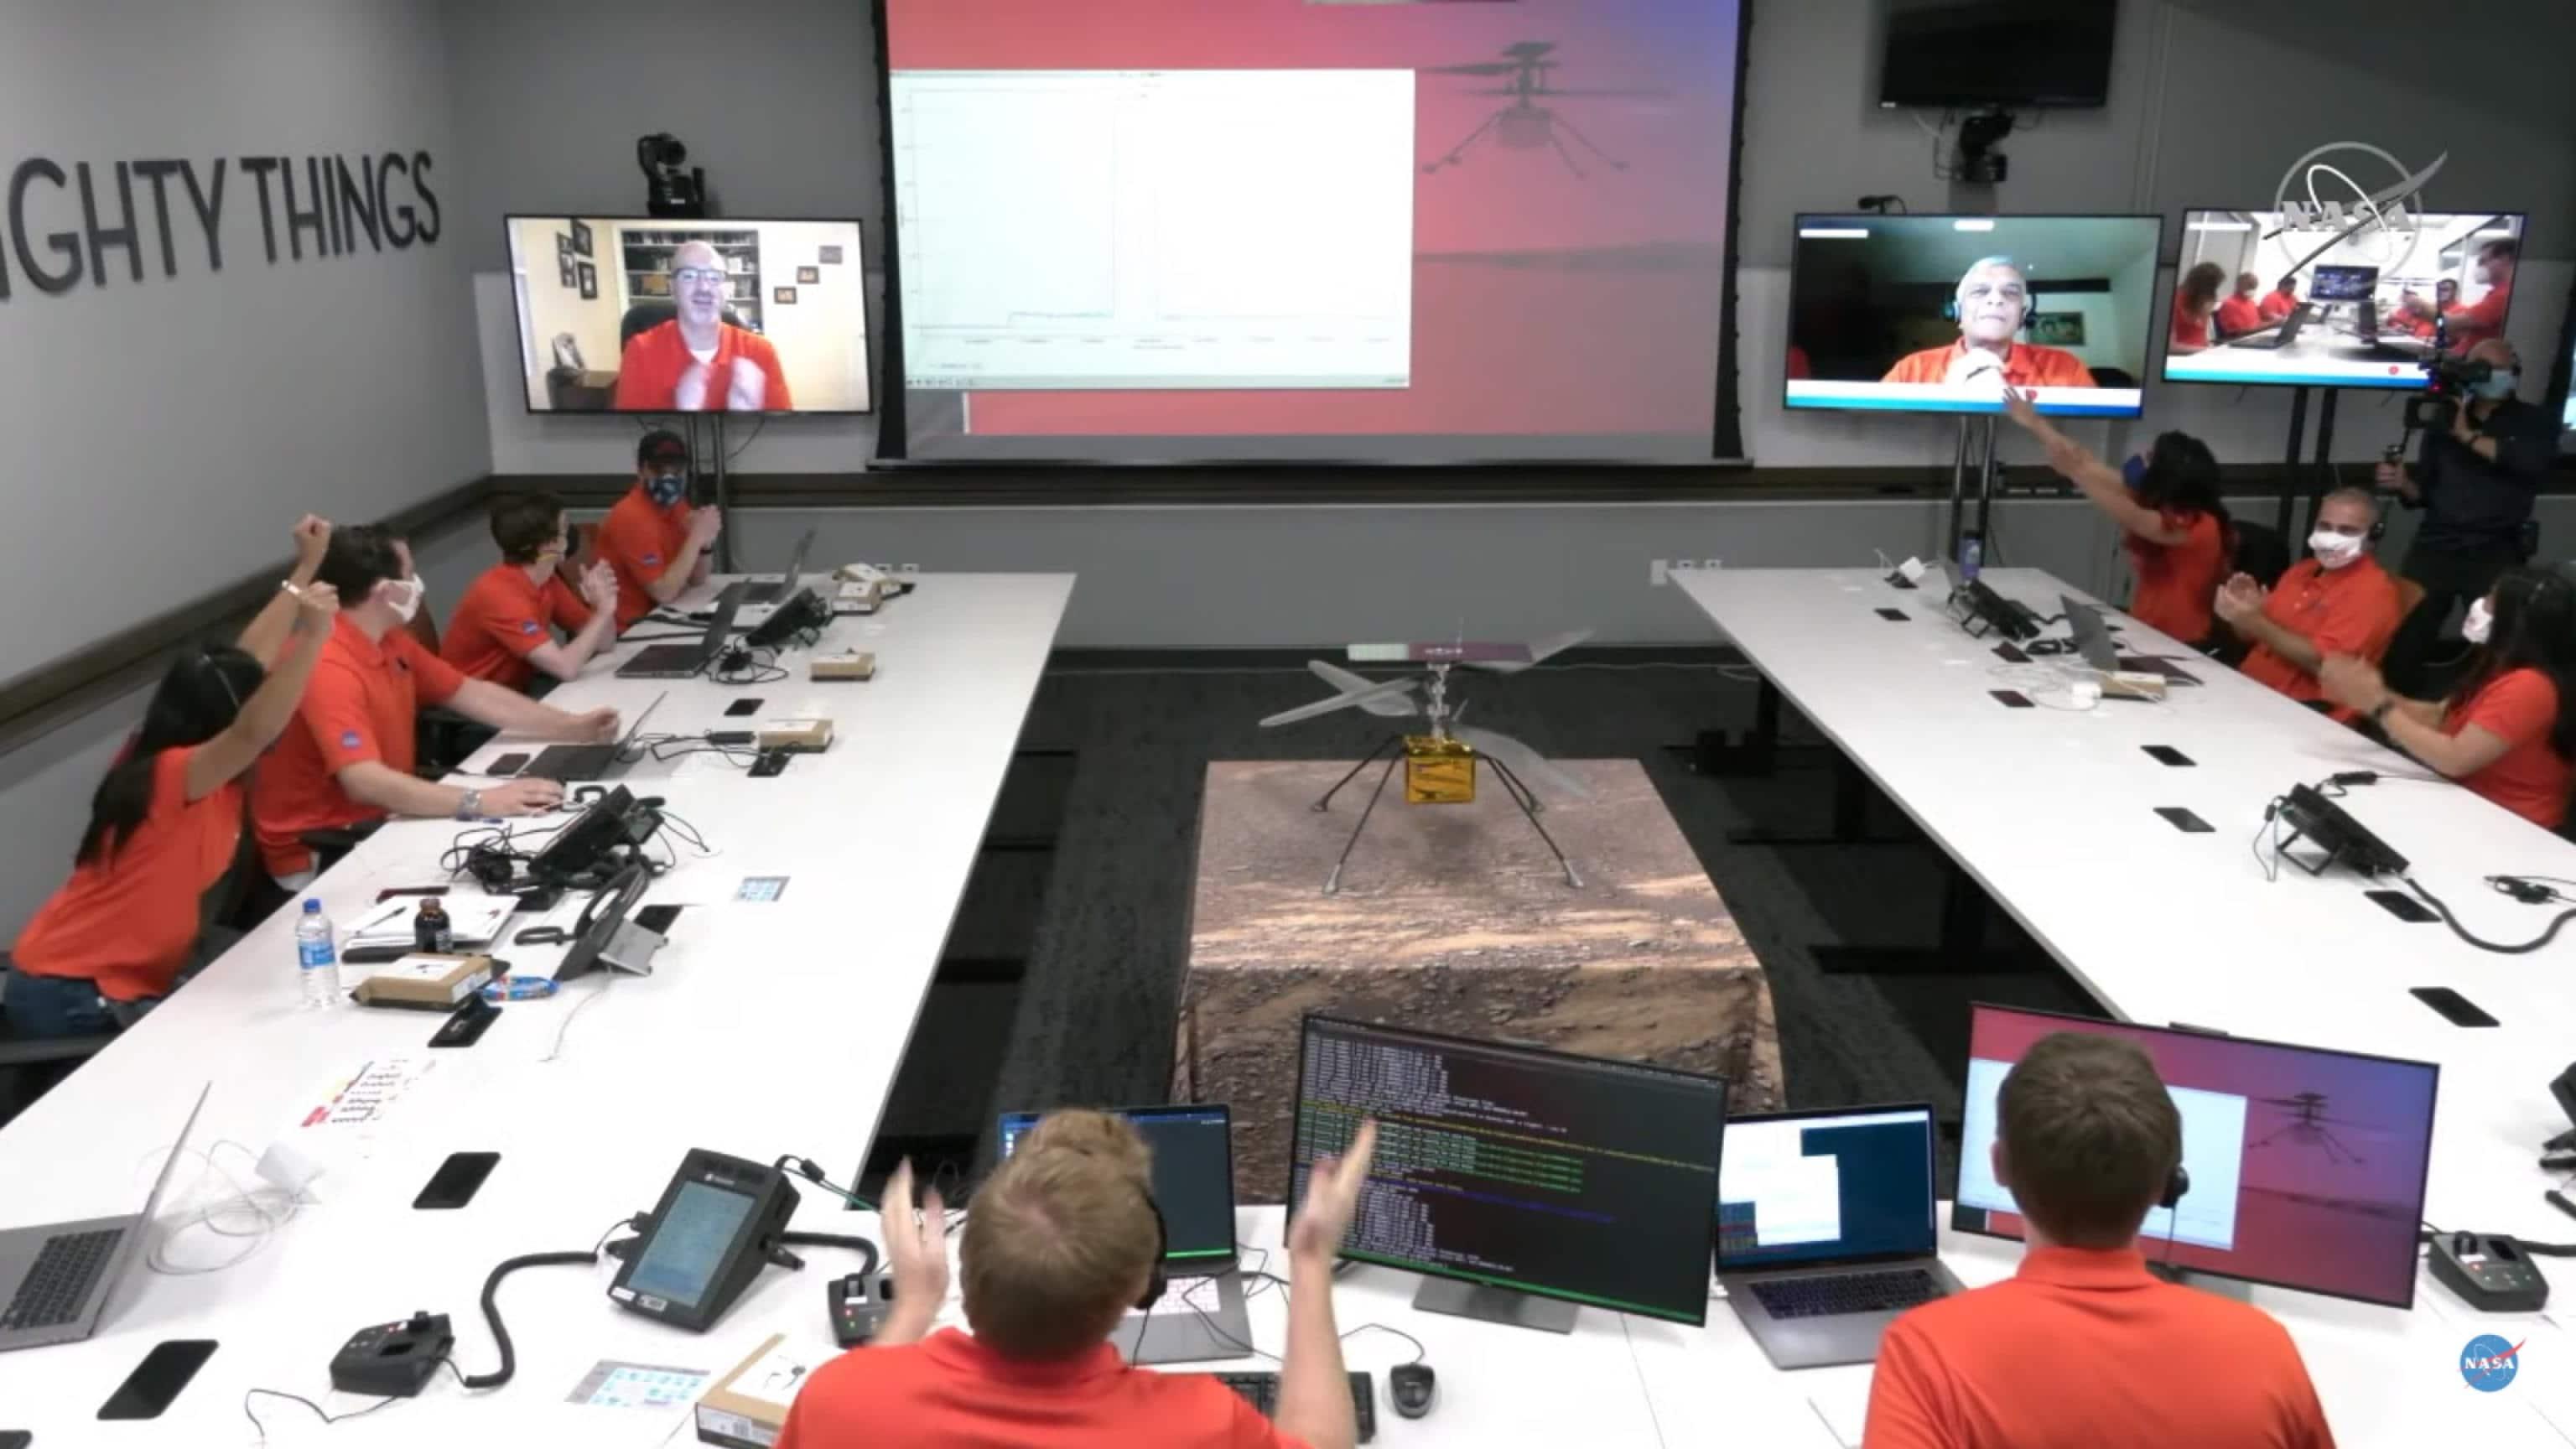 Il team della Nasa che ha seguito il volo di Ingenuity festeggia dopo il successo della missione (Foto tratta da uno screen del video pubblicato su Twitter dalla Nasa)